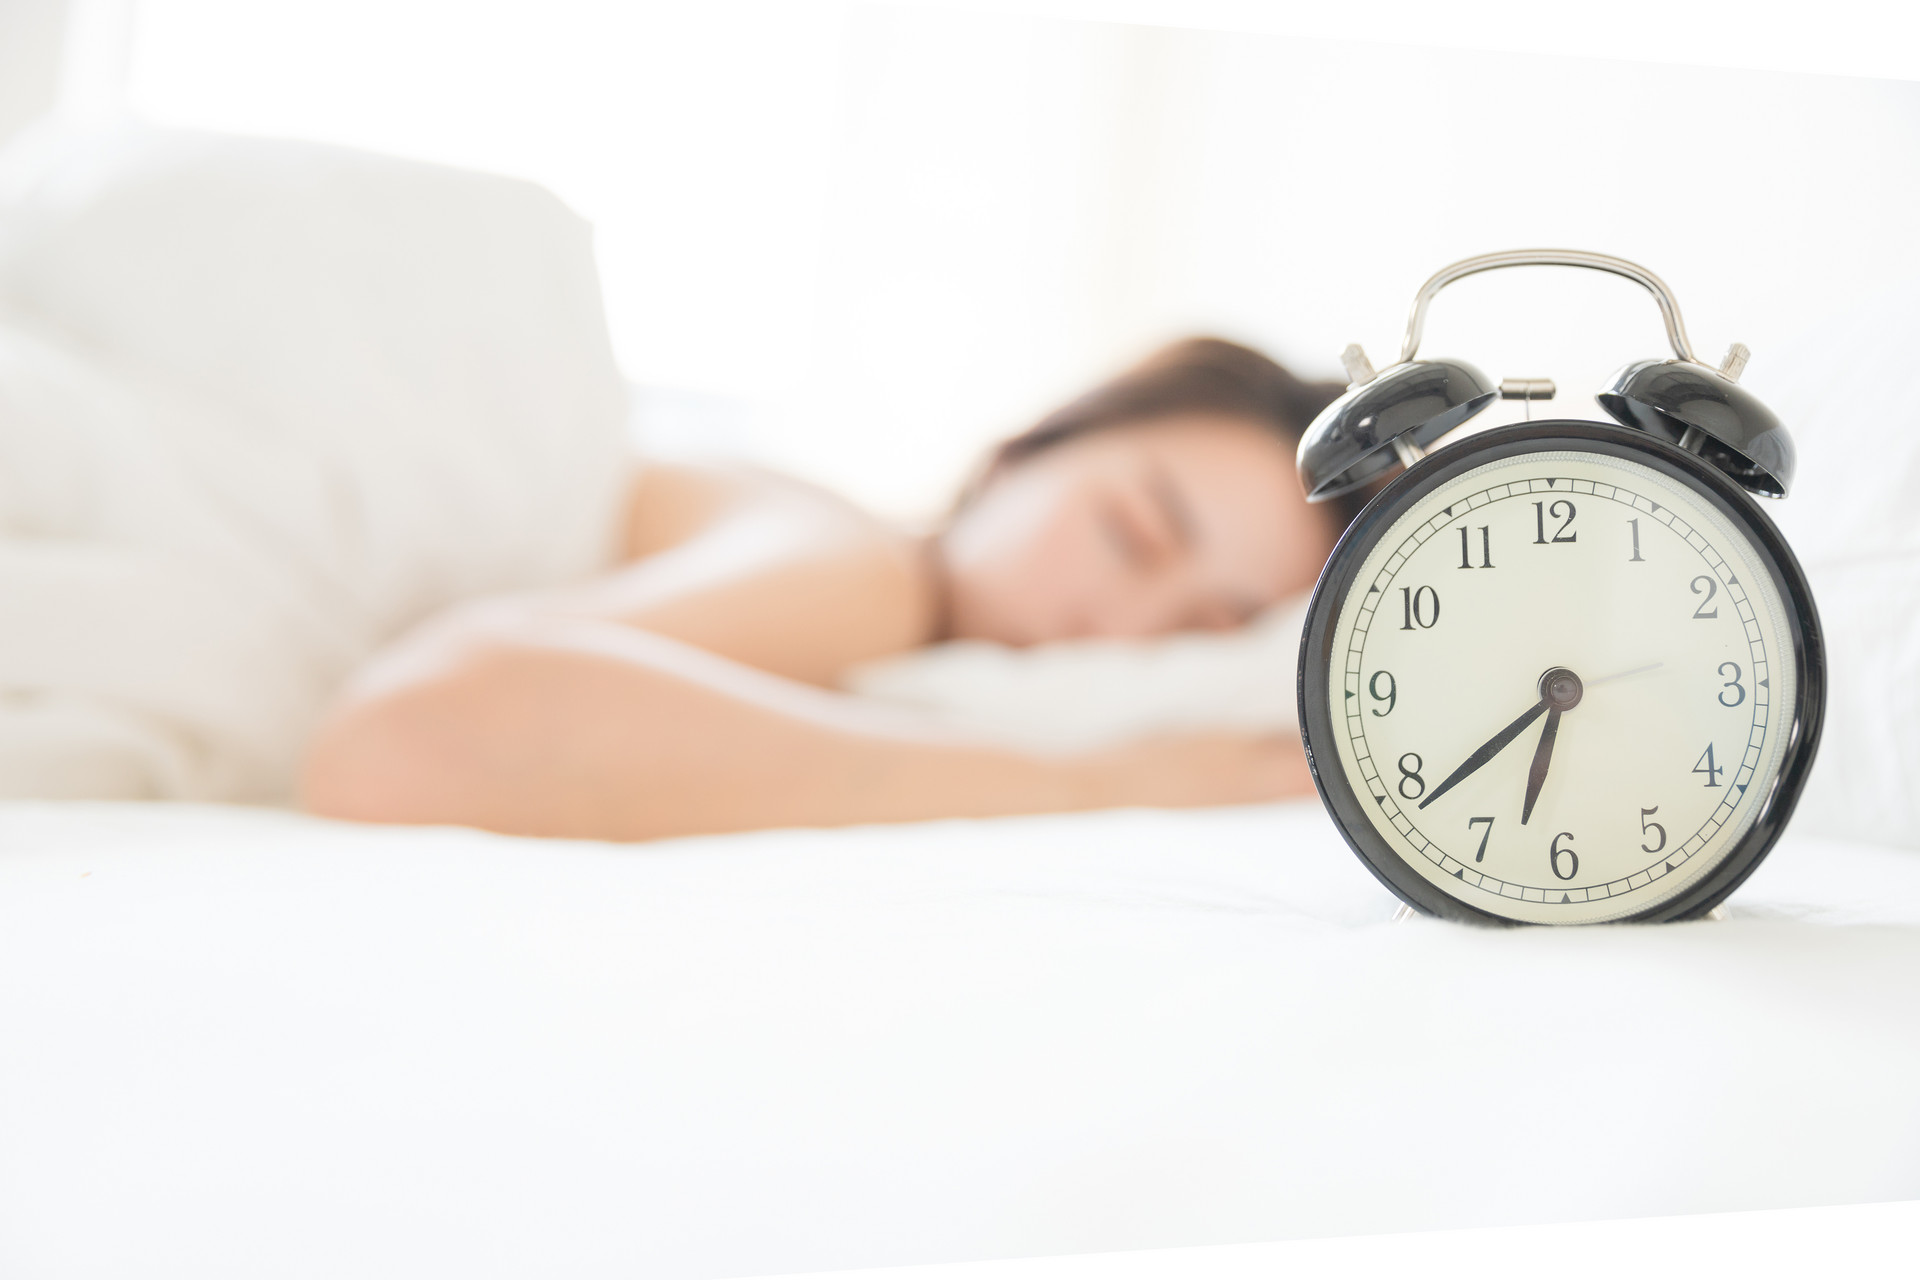 研究發現:周末多睡2小時懶覺,抑郁風險能減半